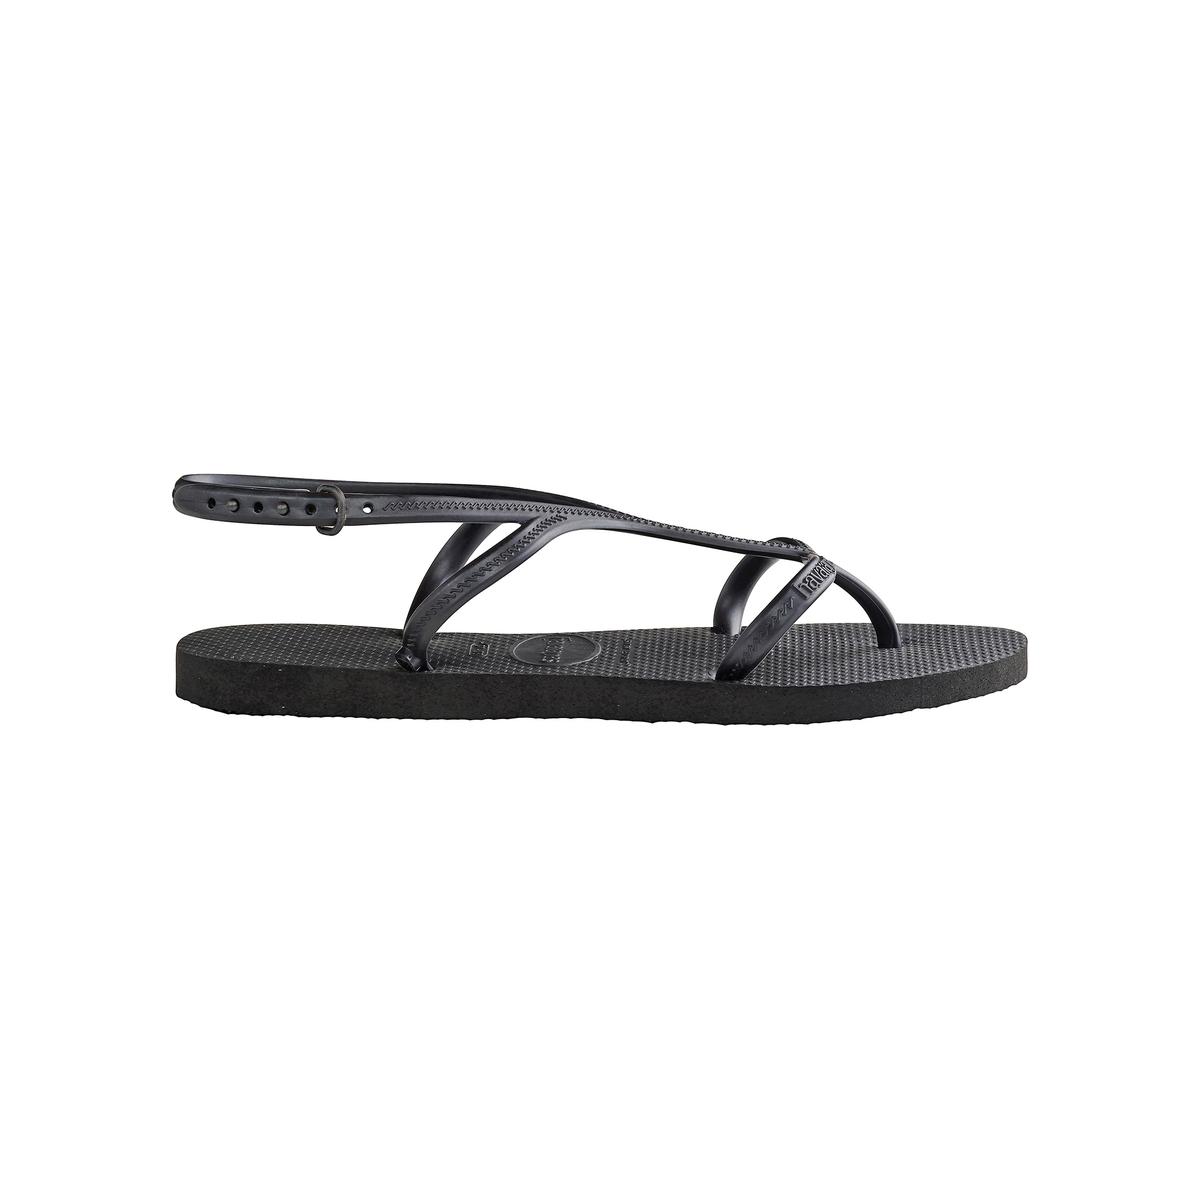 Вьетнамки AllureВерх/Голенище : каучук   Стелька : каучук   Подошва : каучук   Форма каблука : плоский каблук   Мысок : открытый мысок   Застежка : без застежки<br><br>Цвет: черный<br>Размер: 41/42